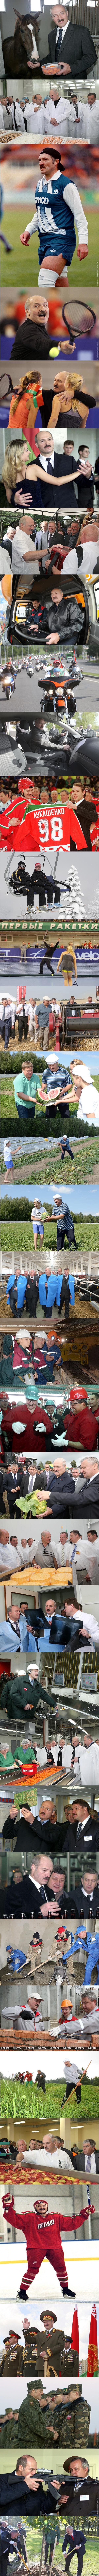 И швец, и жнец, и на баяне игрец Самые яркие снимки многозадачного президента